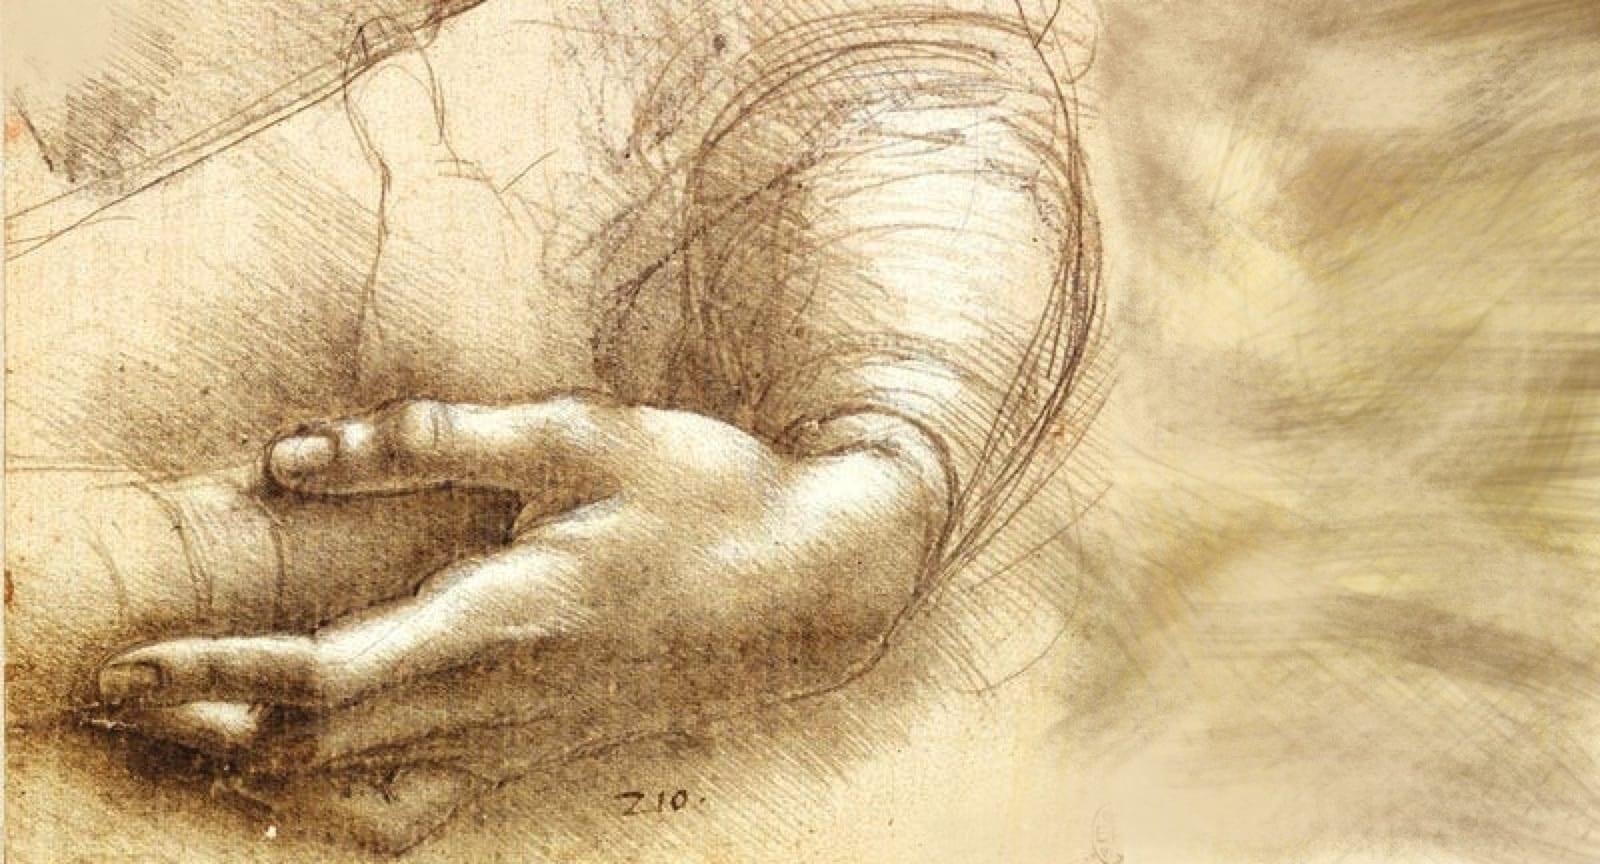 Una mano si un adulto che ascolta e tocca una mano di un bambino